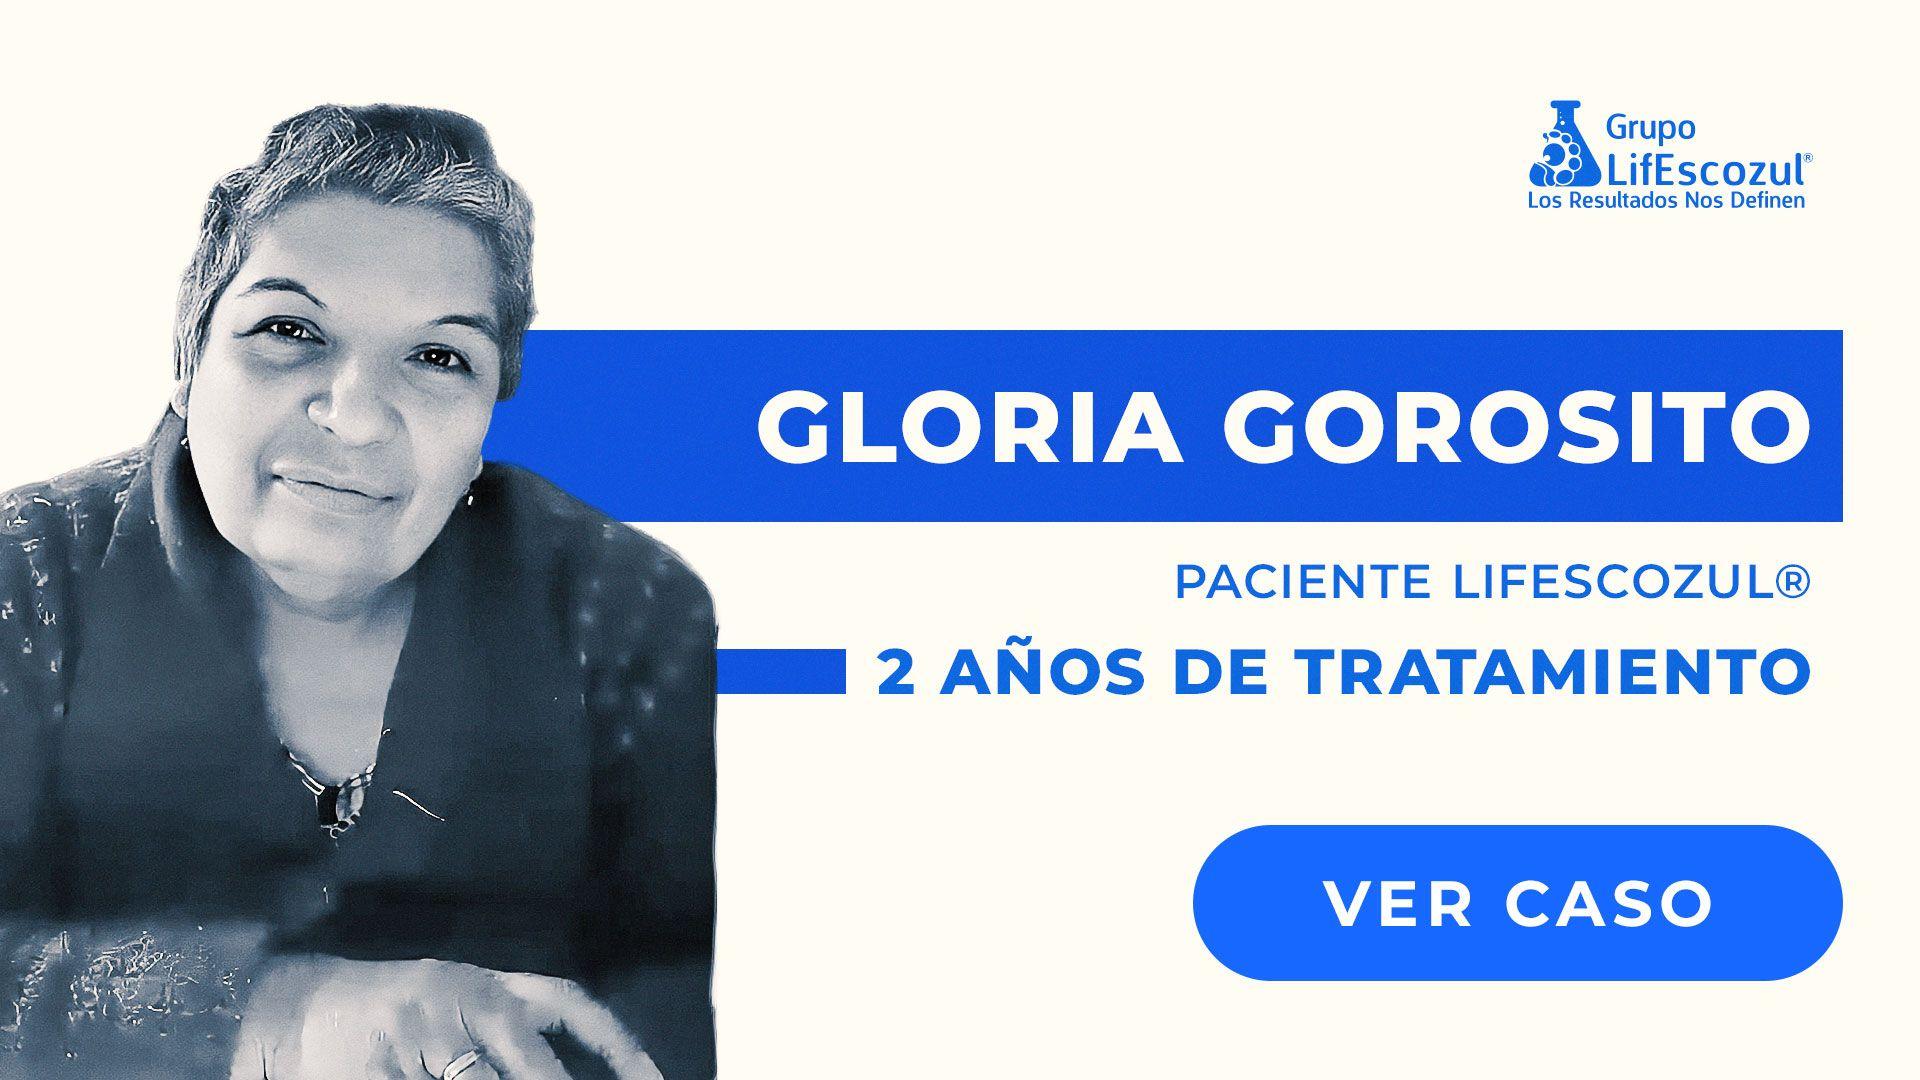 Gloria Gorosito - Cáncer de Mama - Resultados con LifEscozul®